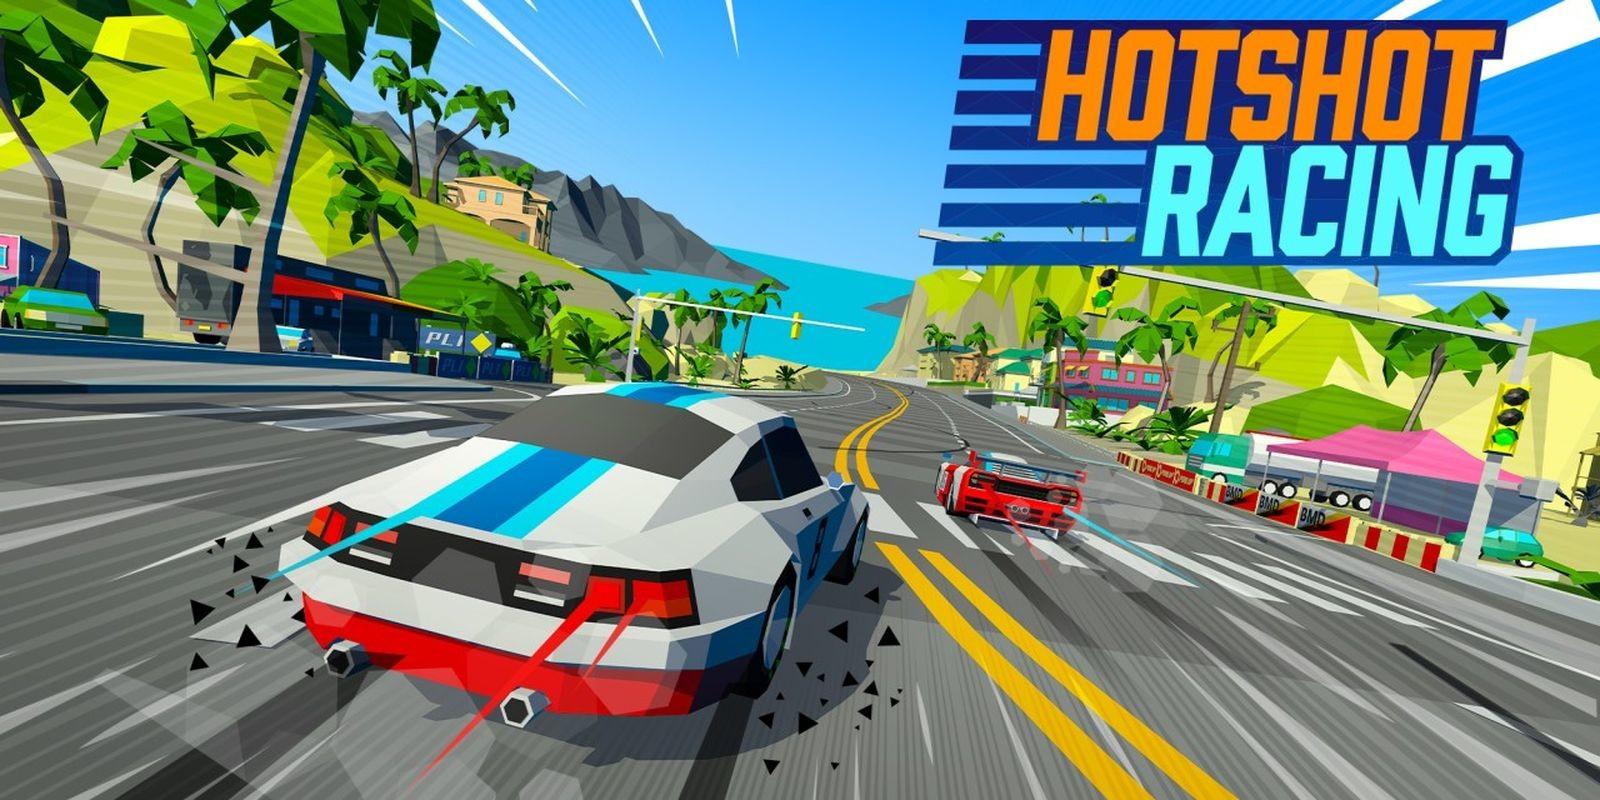 Hotshot Racing (Steam Key)